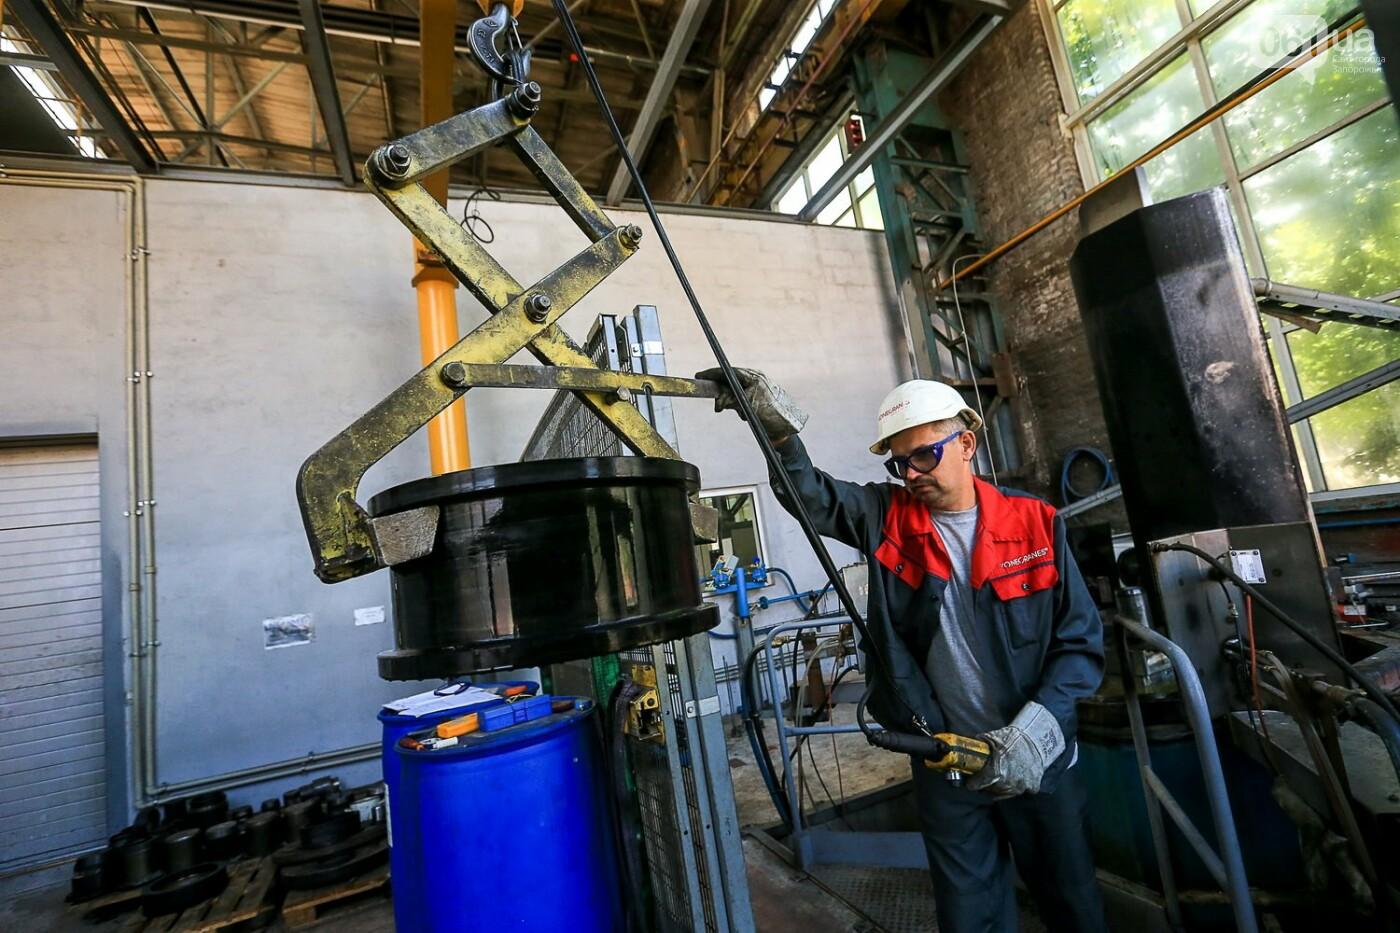 Как в Запорожье работает крупнейший в Европе завод по производству кранов: экскурсия на производство, — ФОТОРЕПОРТАЖ, фото-51